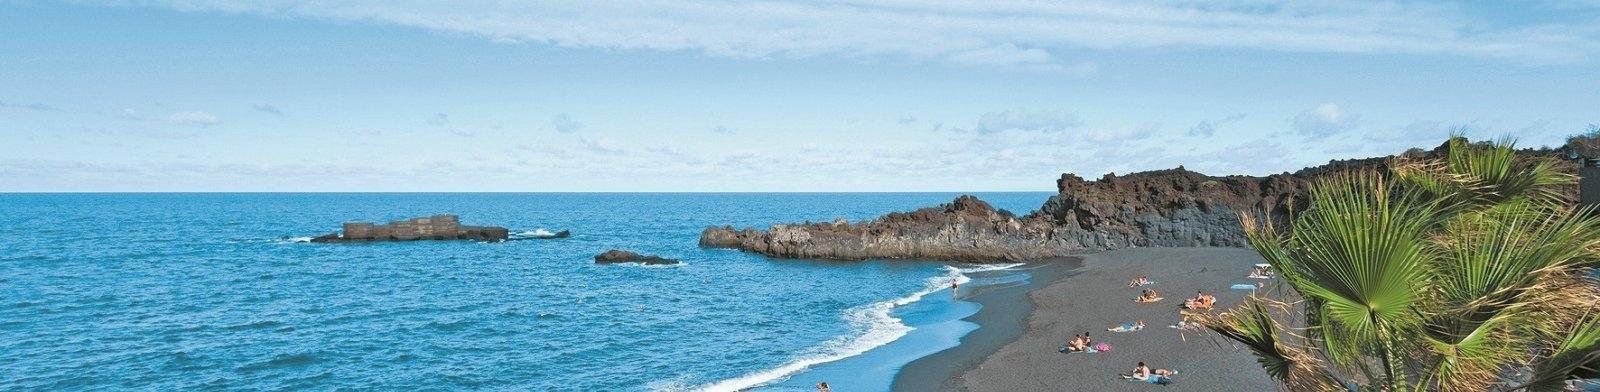 Cancajos beach